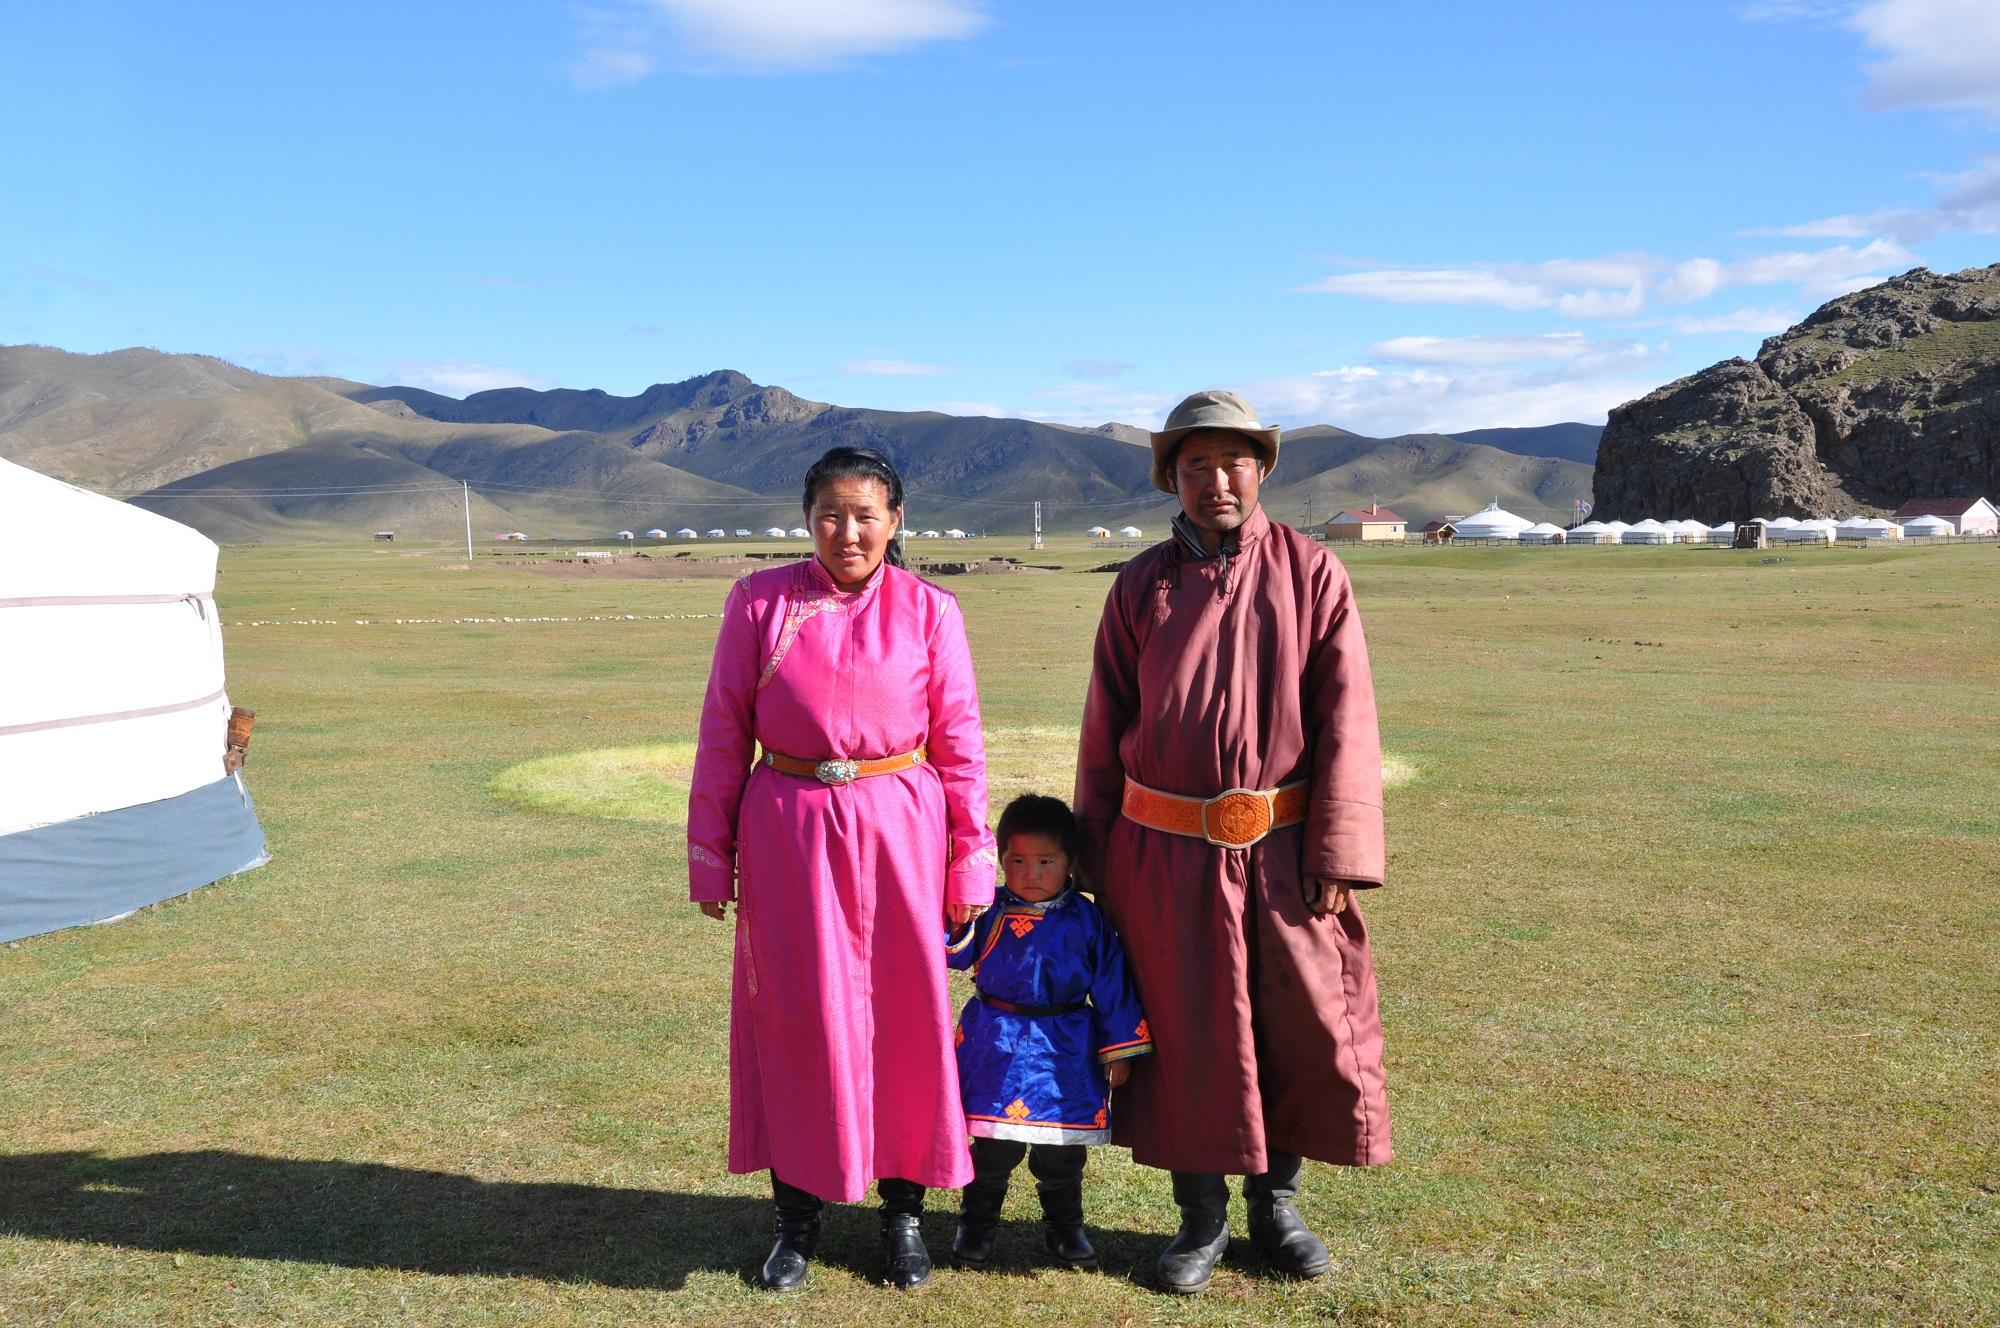 Famille nomade mongolie C tissot